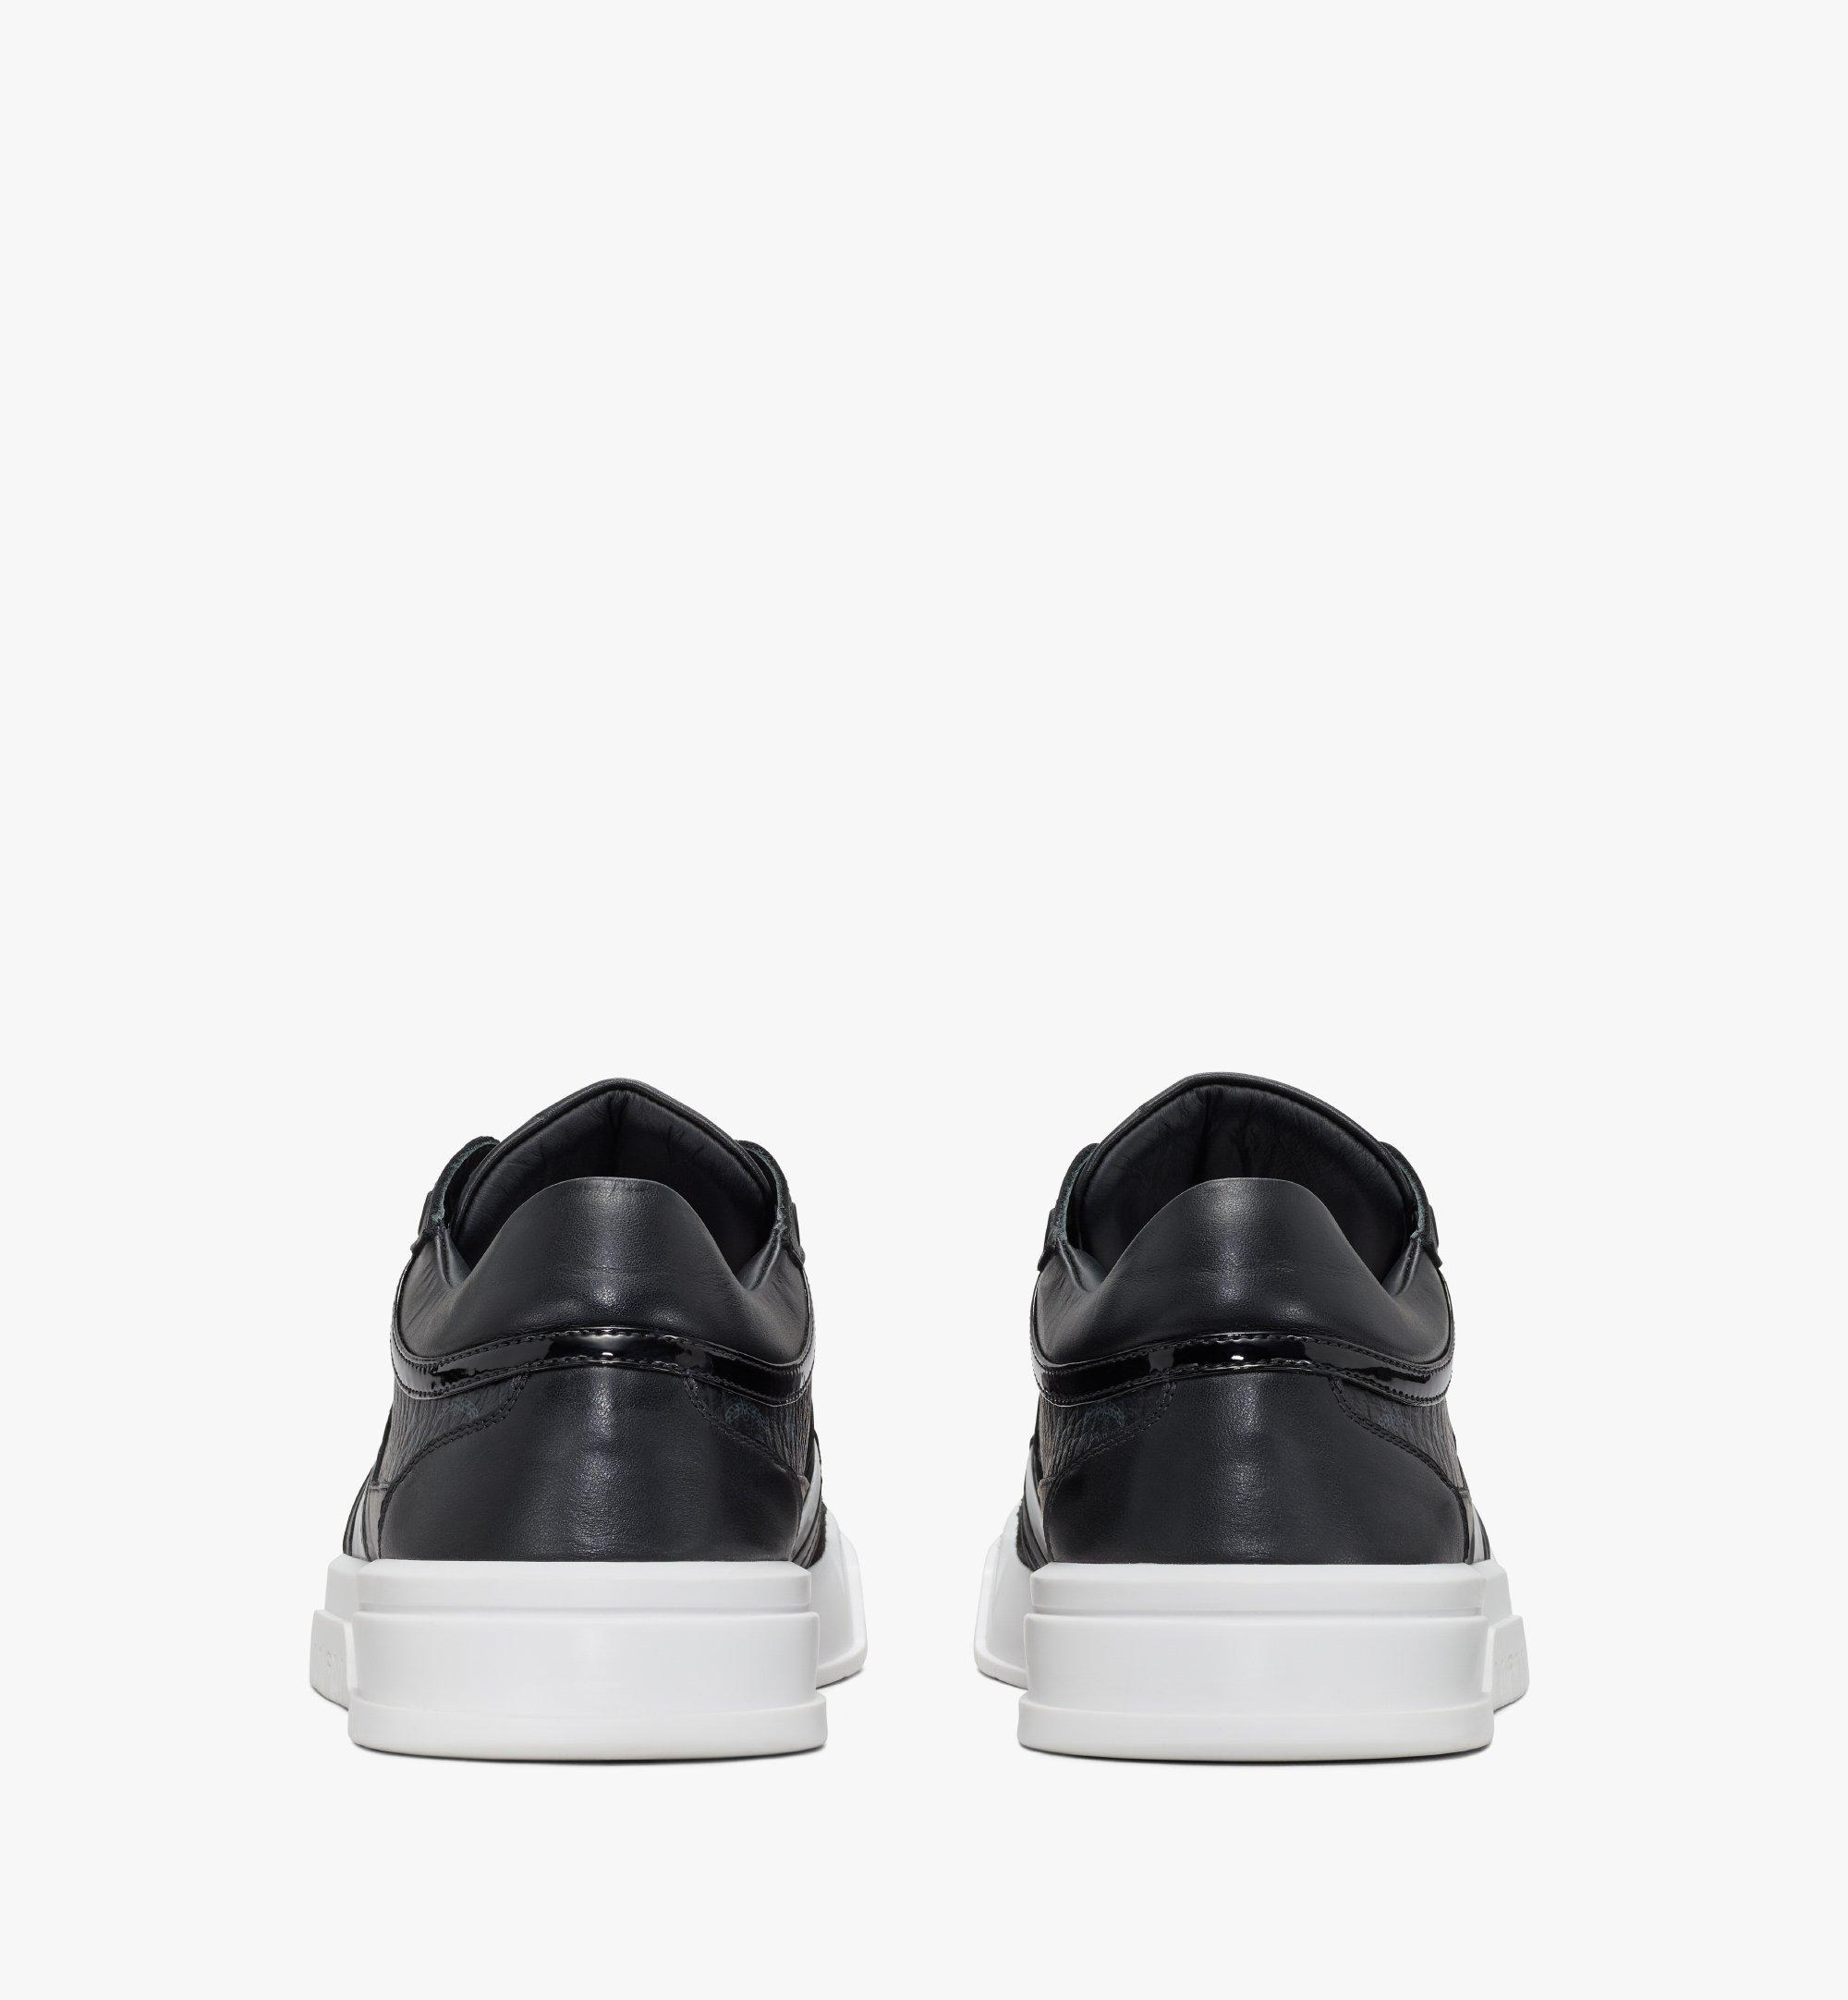 MCM Men's Skyward Lo Sneakers in Visetos Black MEXASMM37BK042 Alternate View 3